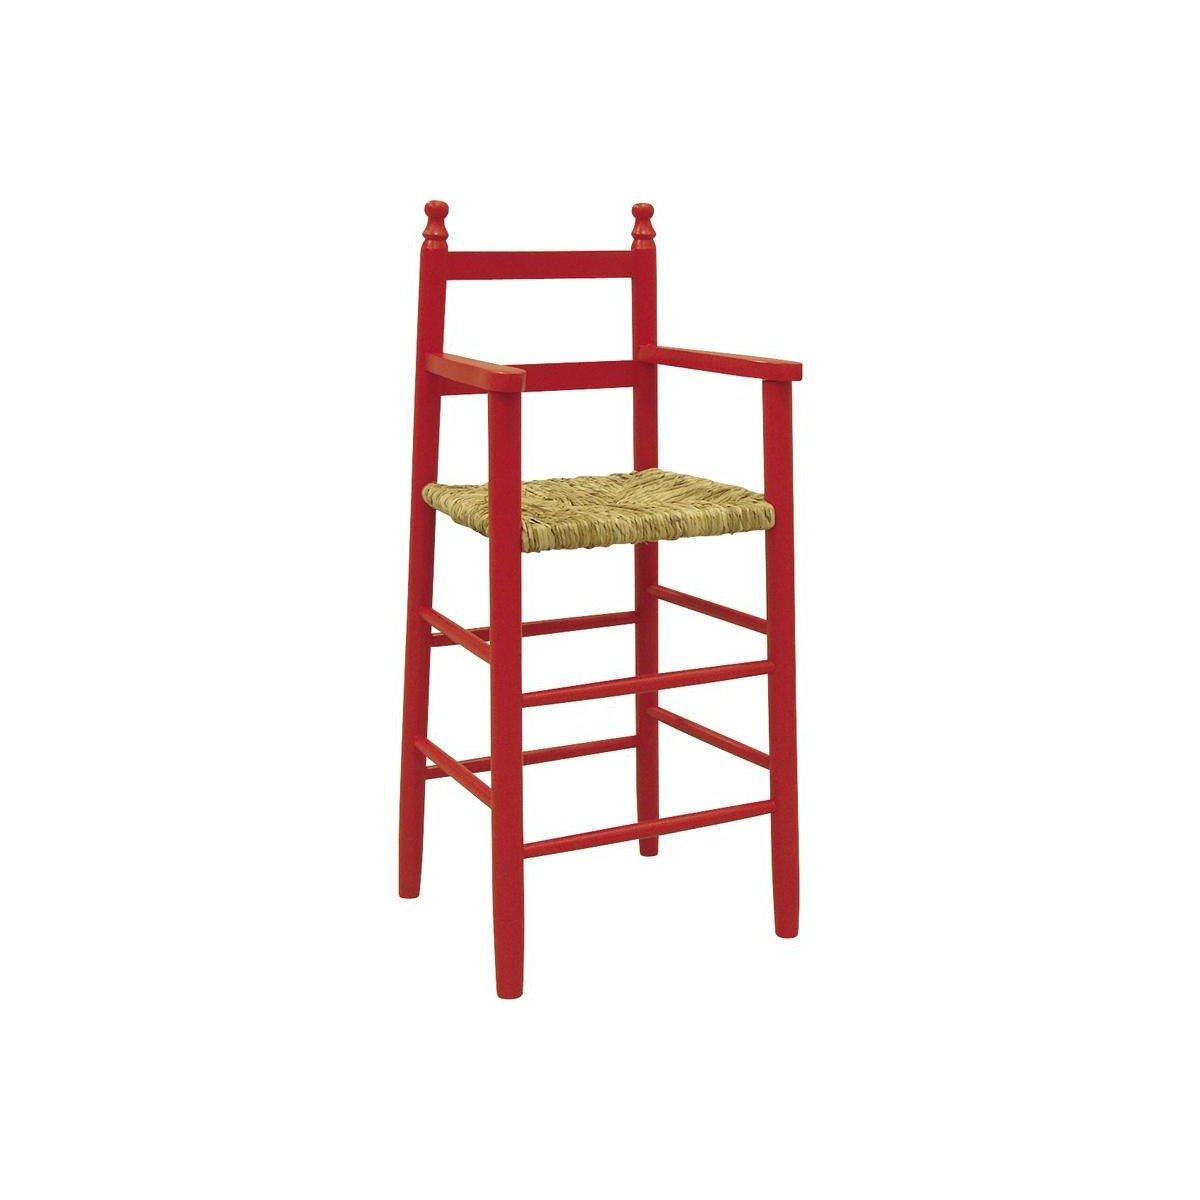 AUBRY GASPARD NCH 1130 Chaise Haute en h/être laqu/é Rouge